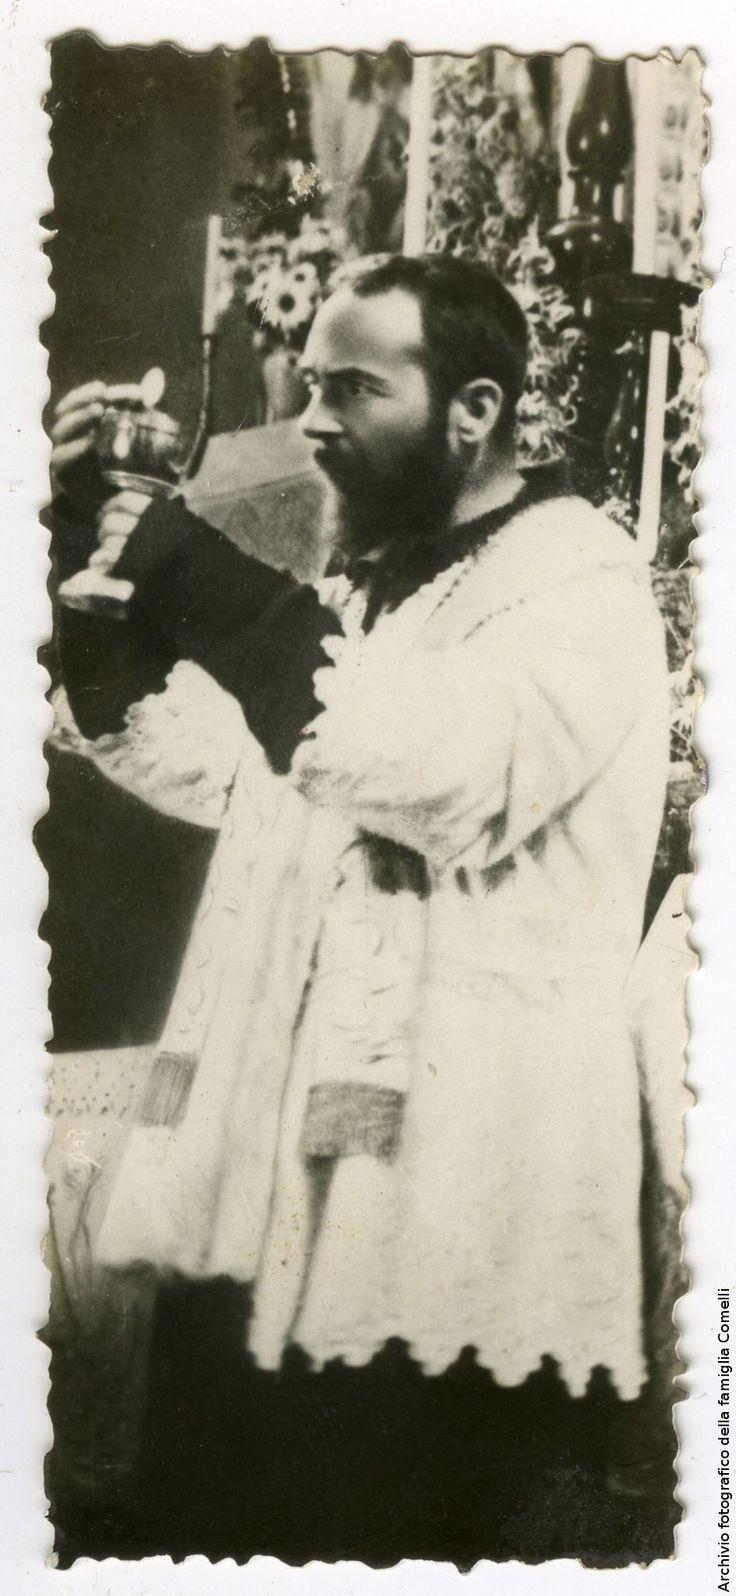 FT0018   Ritratto di padre Pio da Pietrelcina   Una città per gli archivi